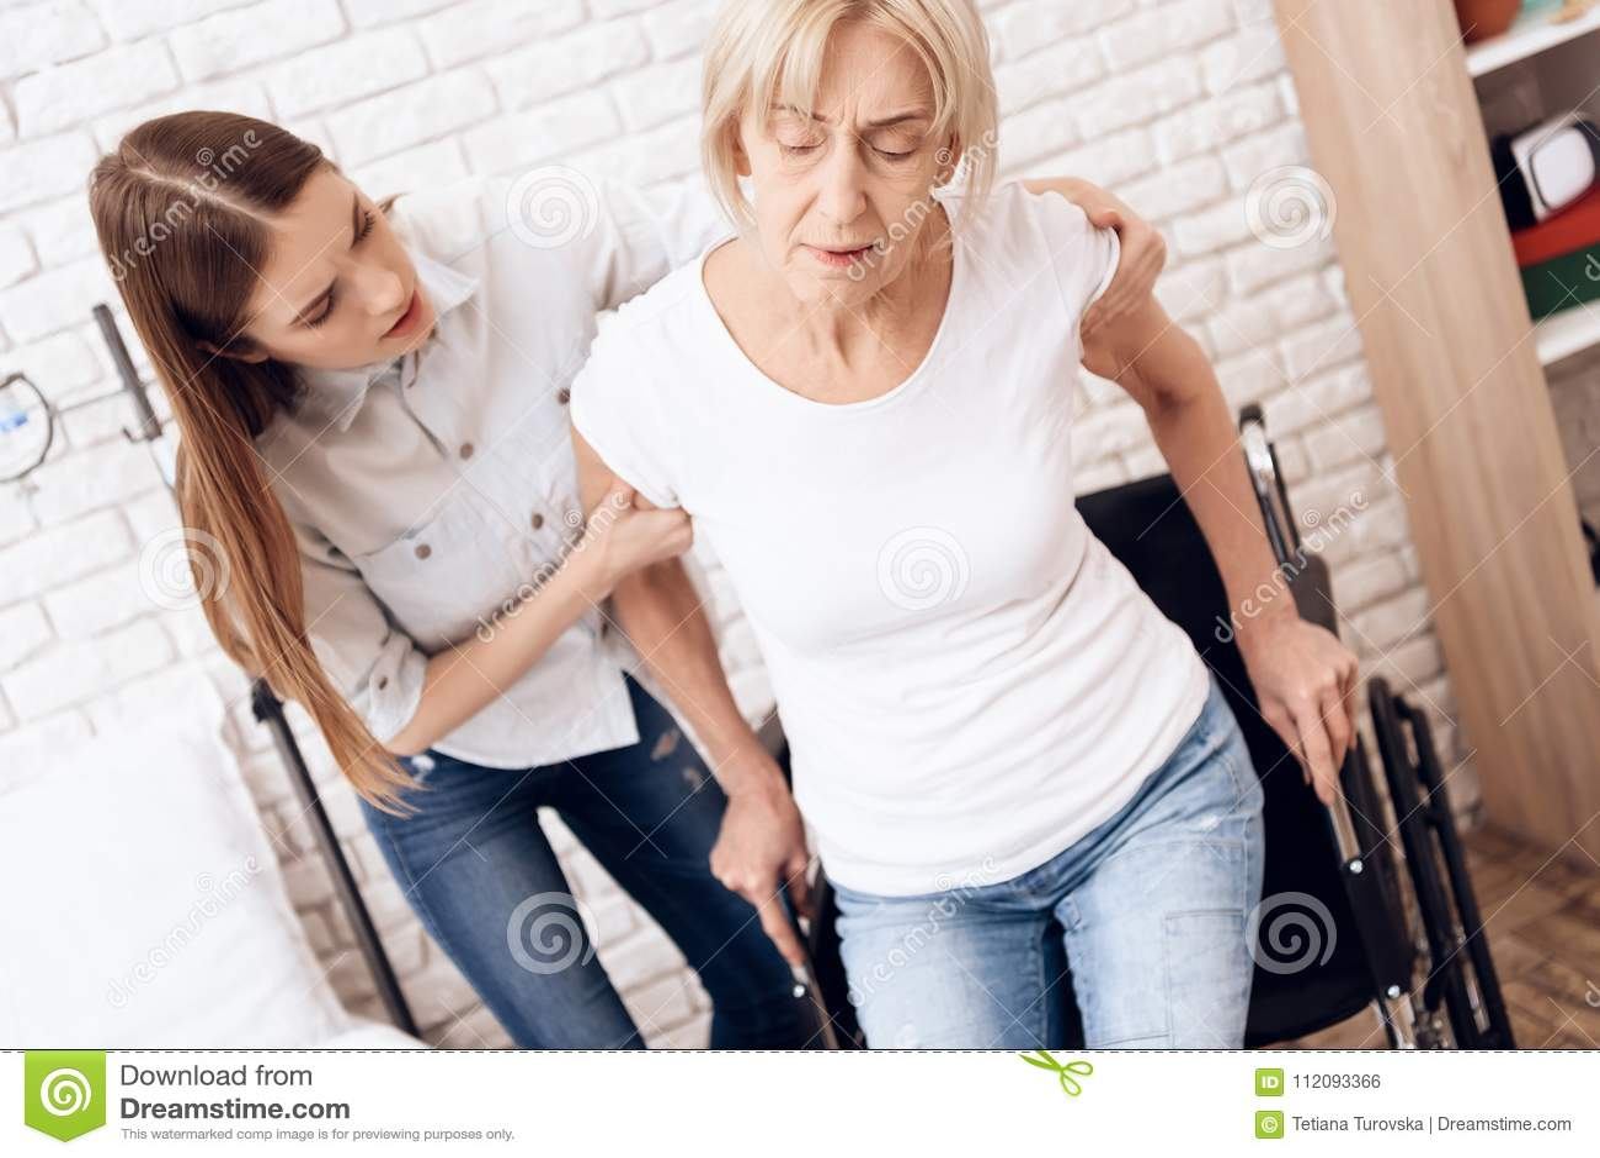 La muchacha está cuidando a la mujer mayor en casa La muchacha está ayudando a la mujer a conseguir en la silla de ruedas